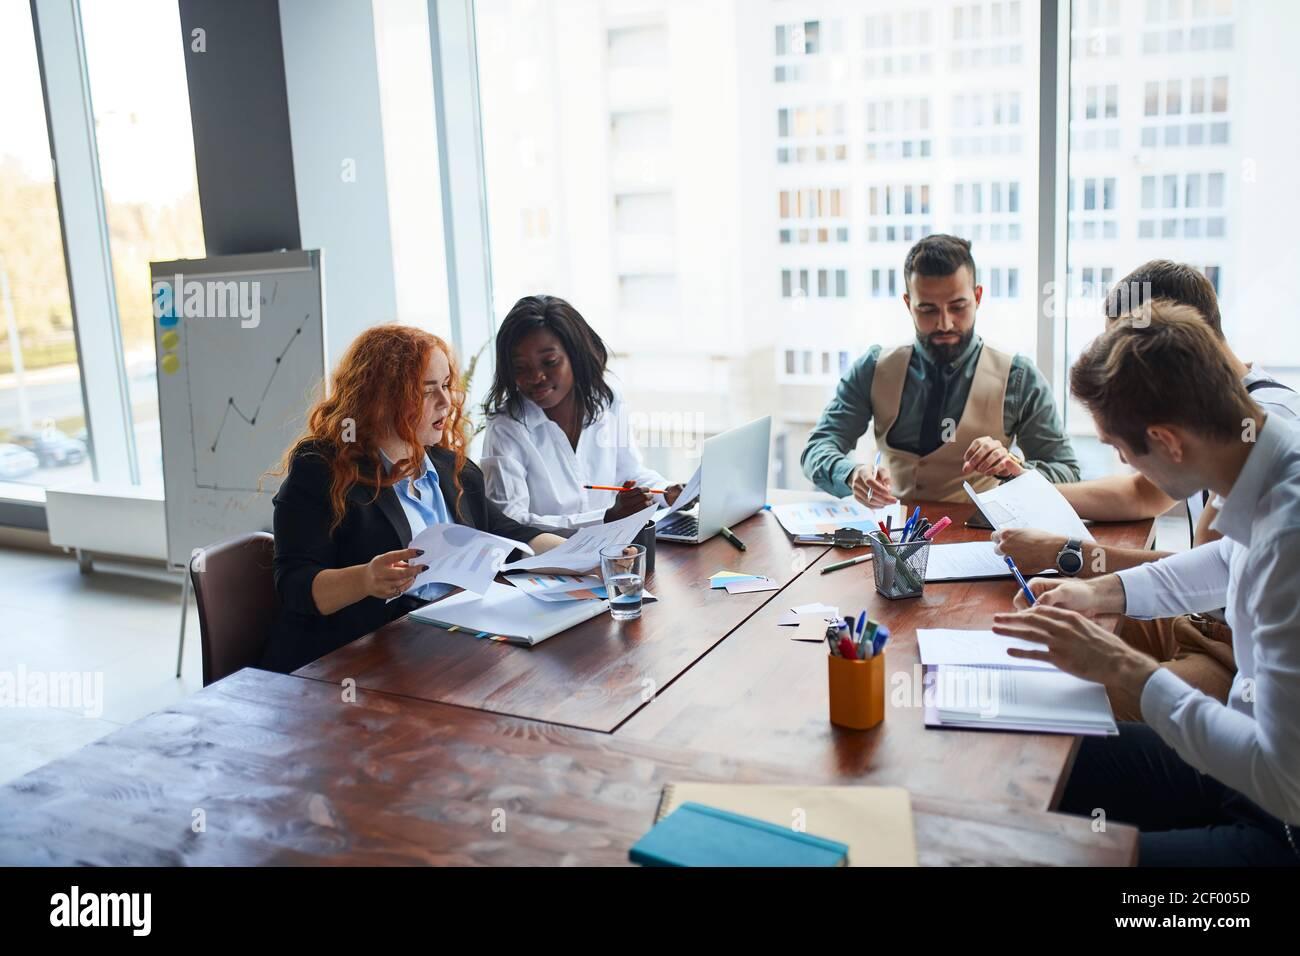 Internationale Gruppe von Menschen, Business-Team am Tisch versammelt, um Geschäftsideen zu diskutieren, mit Papieren, Diagramme. Kreative Geschäftsleute Stockfoto